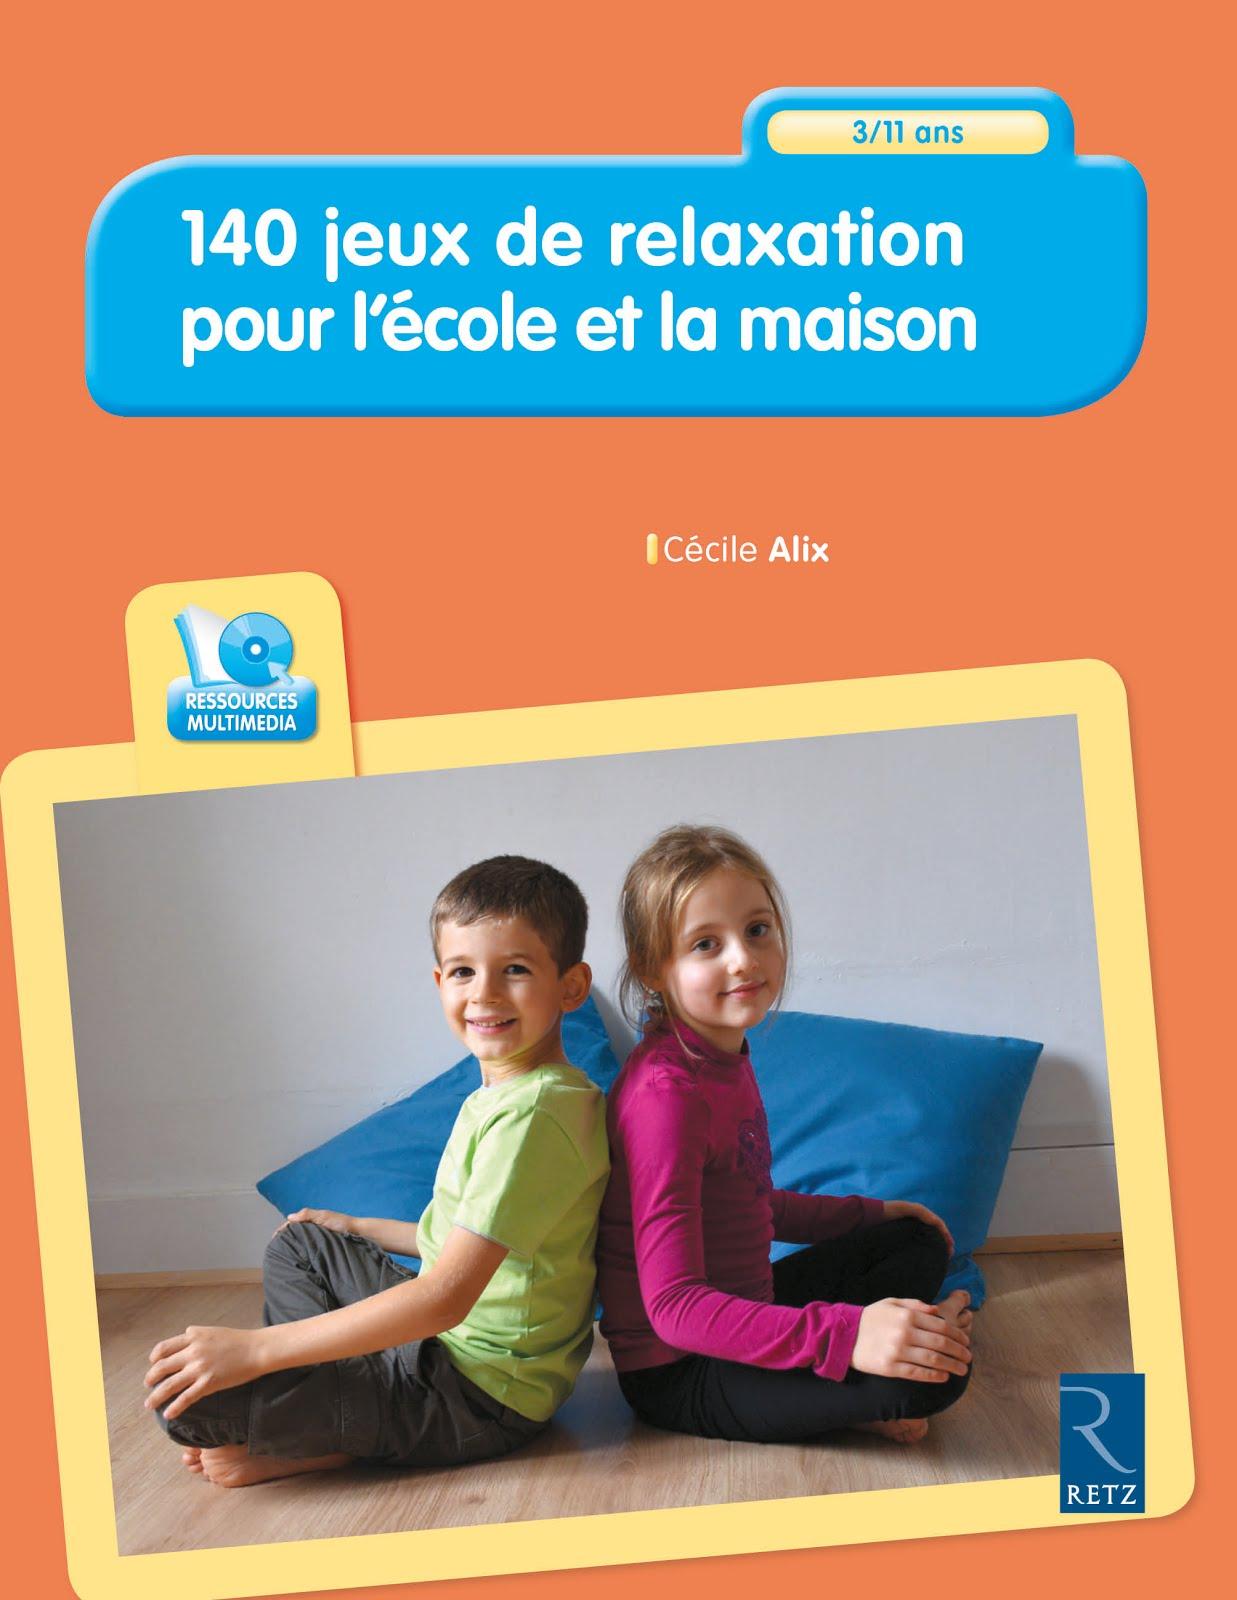 140 JEUX DE RELAXATION pour l'école et la maison